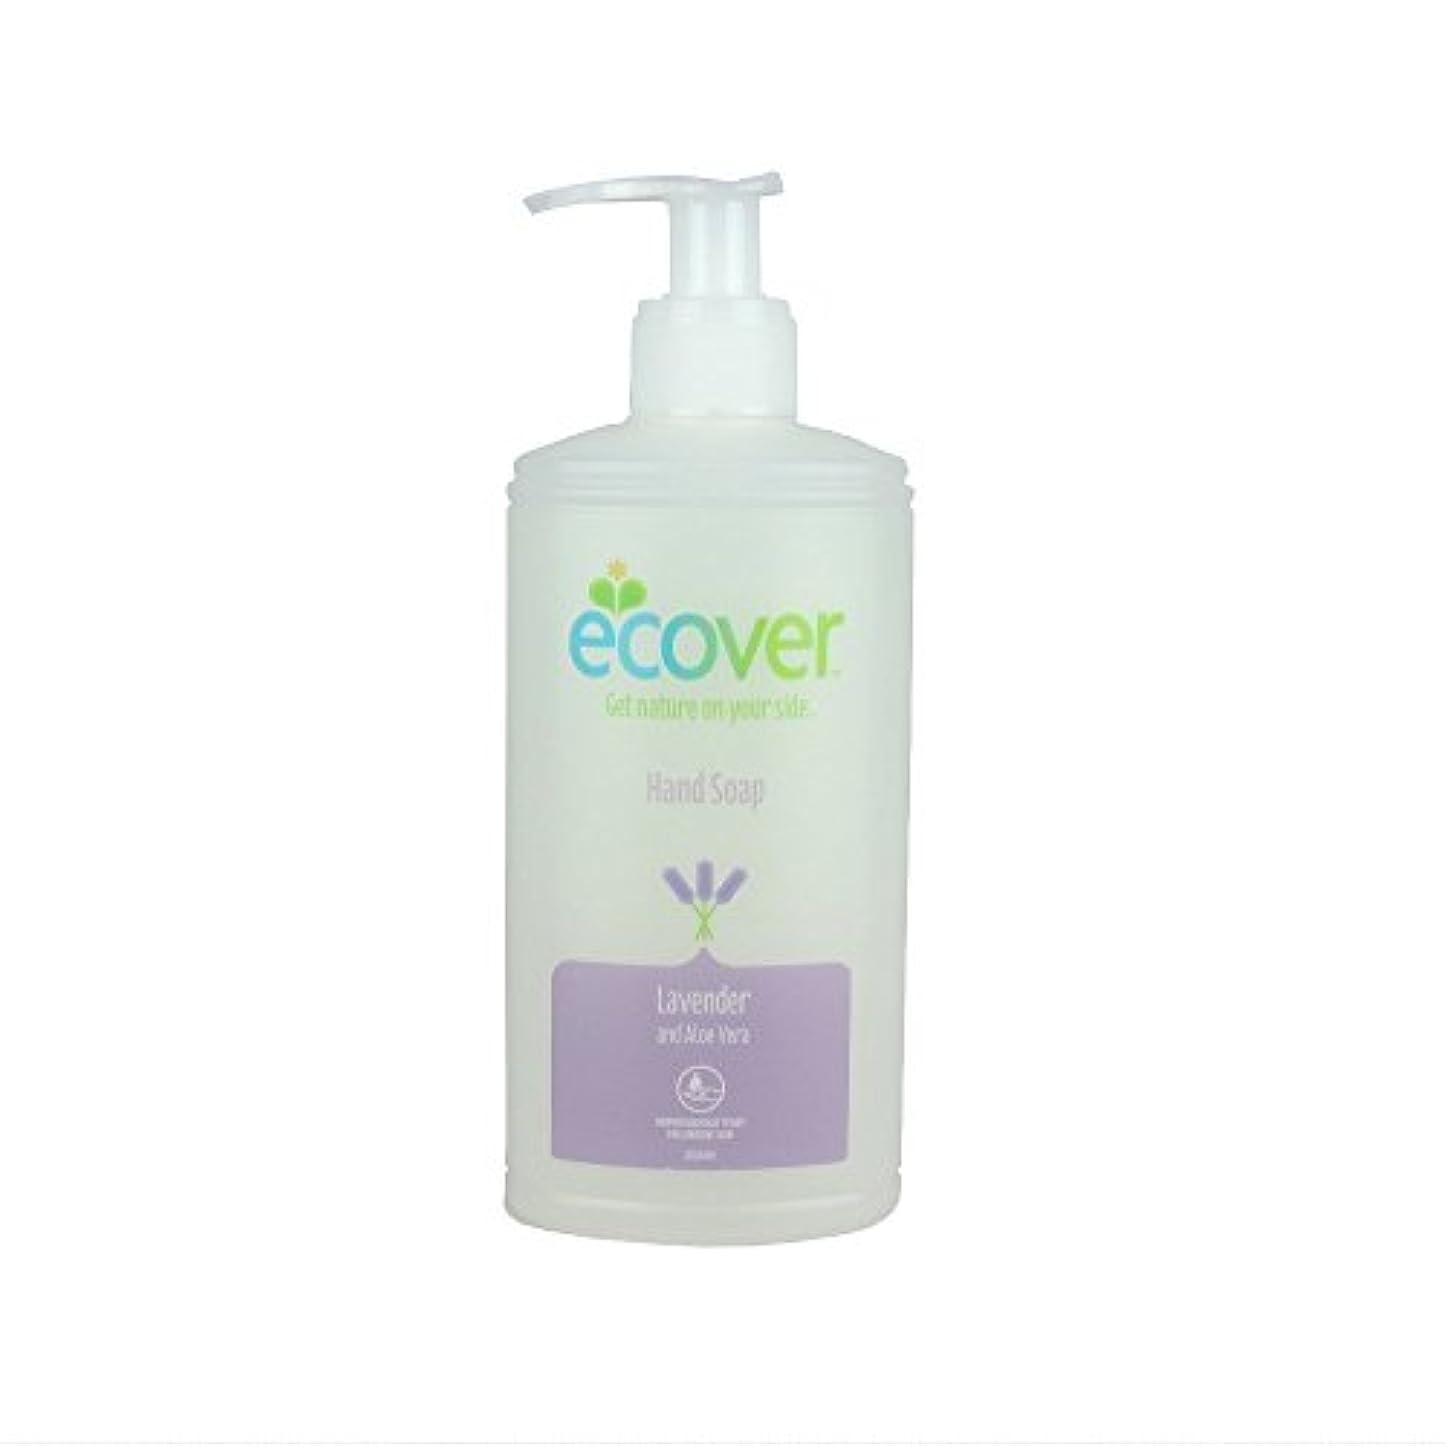 出席定常士気Ecover Liquid Hand Soap Lavender & Aloe Vera (250ml) 液体ハンドソープラベンダーとアロエベラ( 250ミリリットル)をエコベール